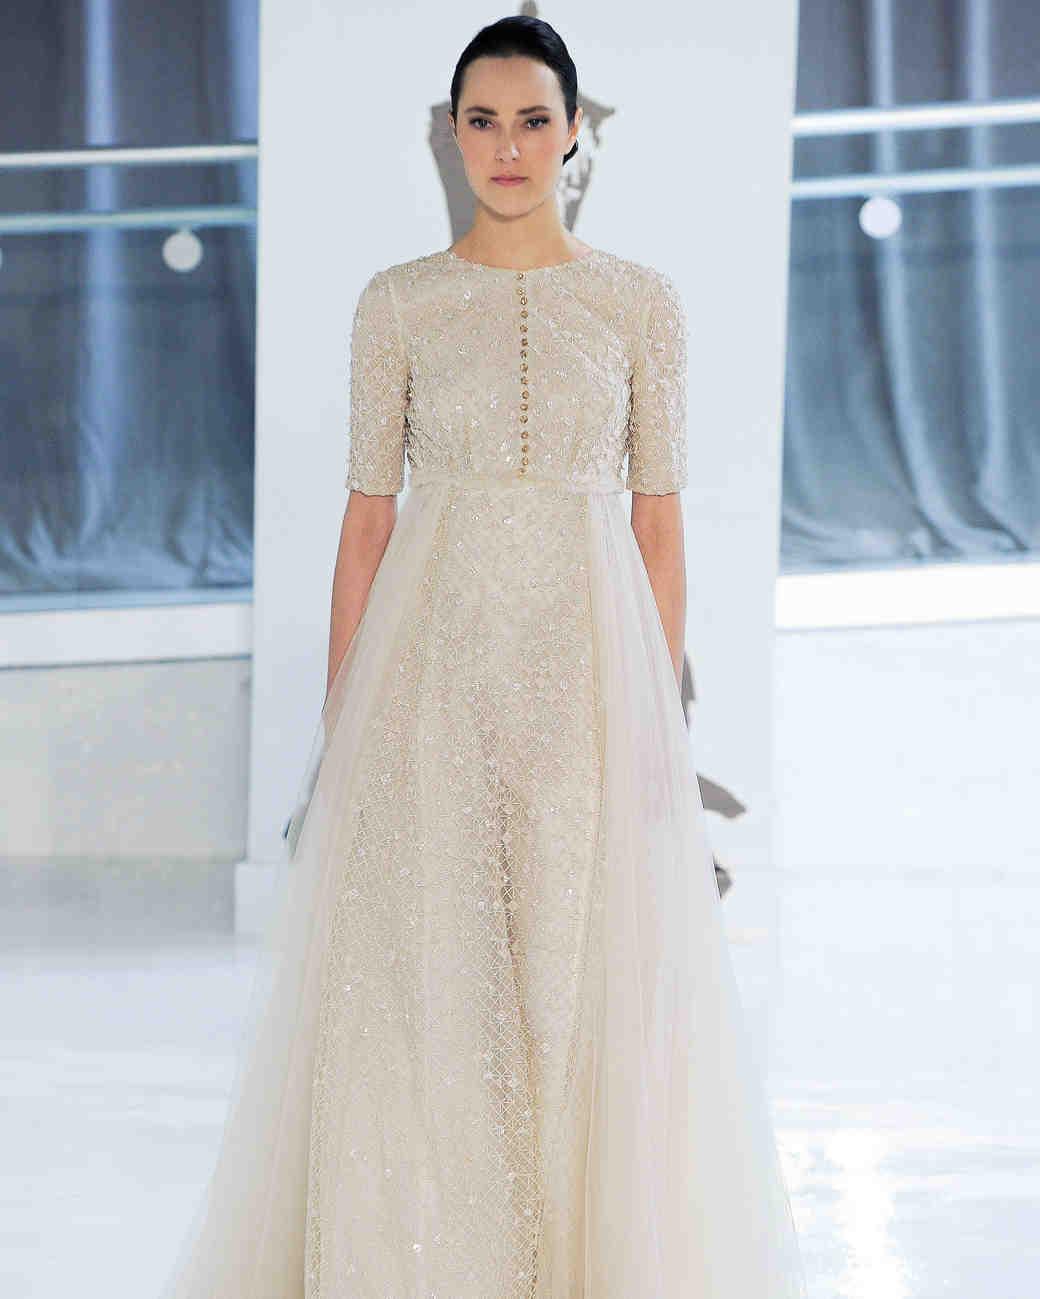 lace peter langner wedding dress spring 2018